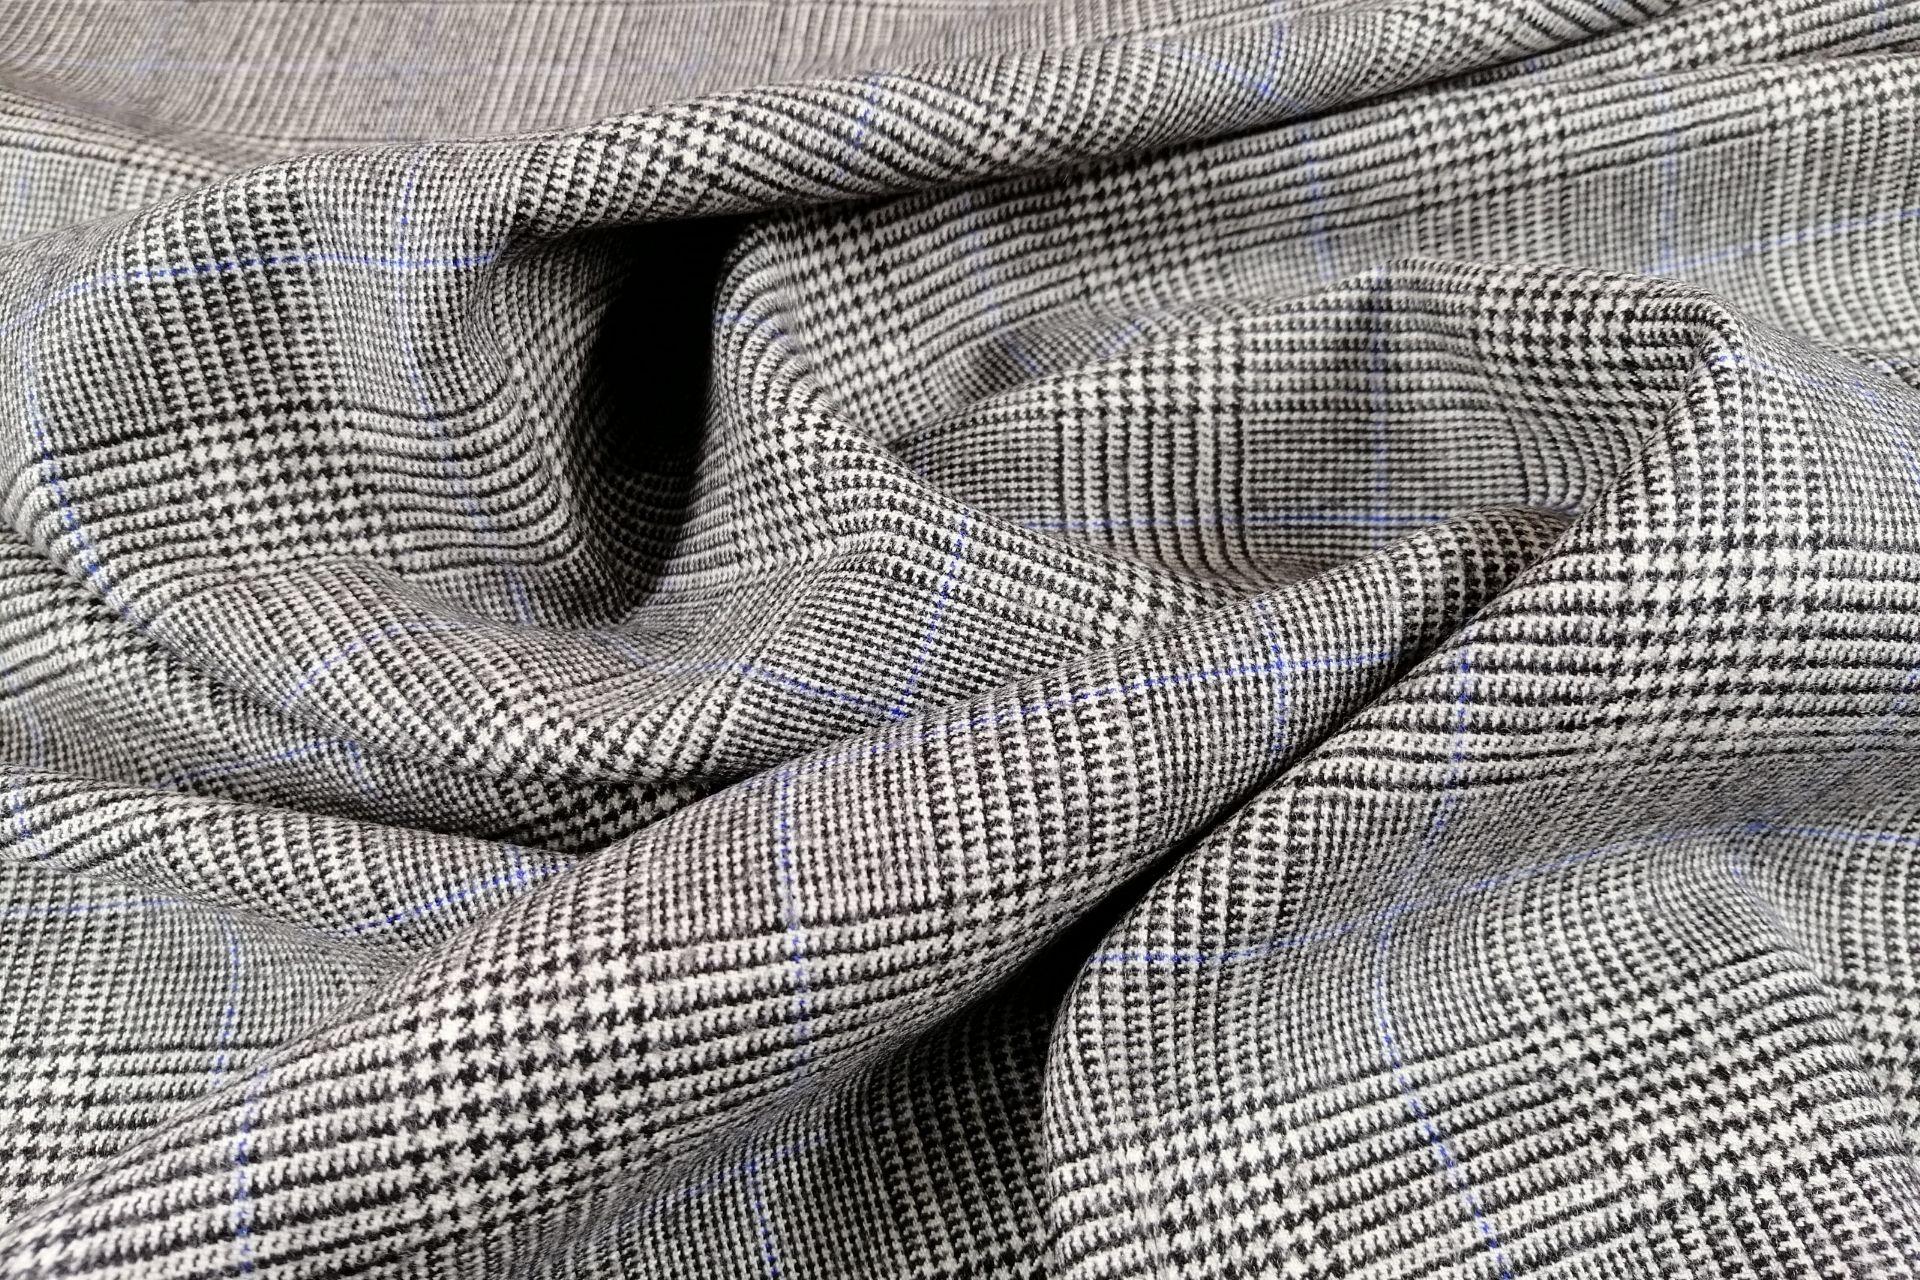 il particolare del tessuto galles pied de poule13500, appartenente alla categoria fantasie classici, di Leadford & Logan